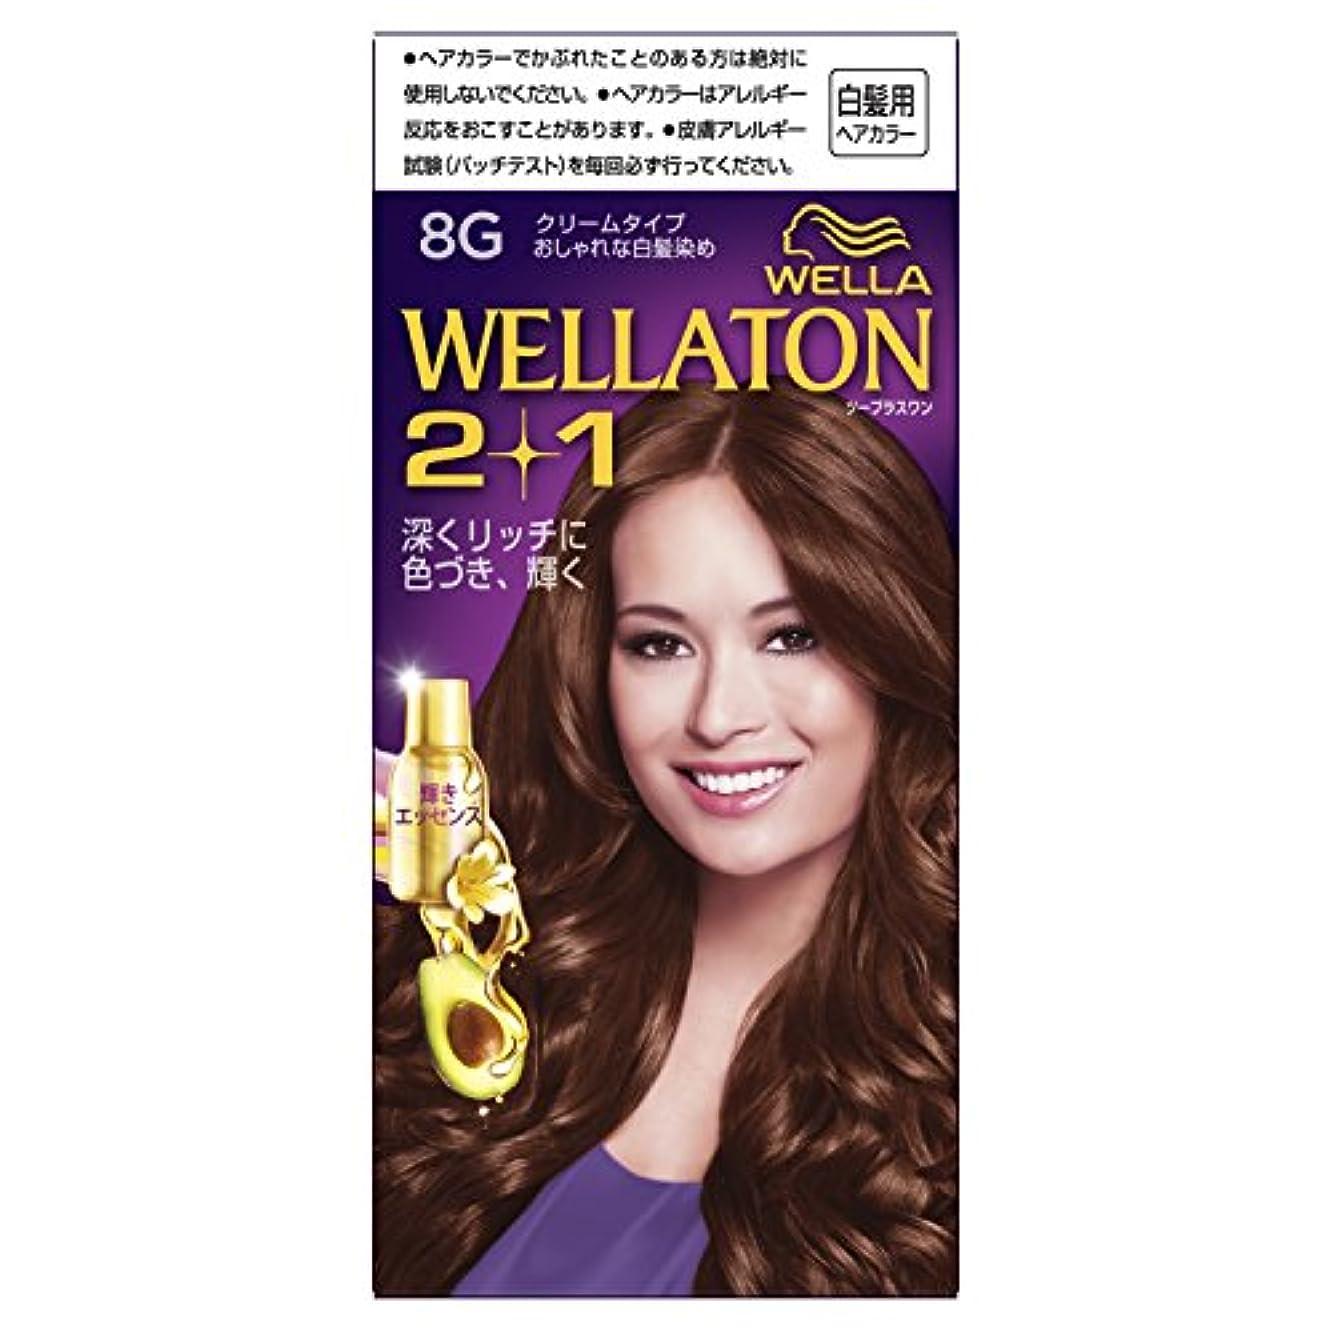 スナッチ強制感覚ウエラトーン2+1 クリームタイプ 8G [医薬部外品](おしゃれな白髪染め)